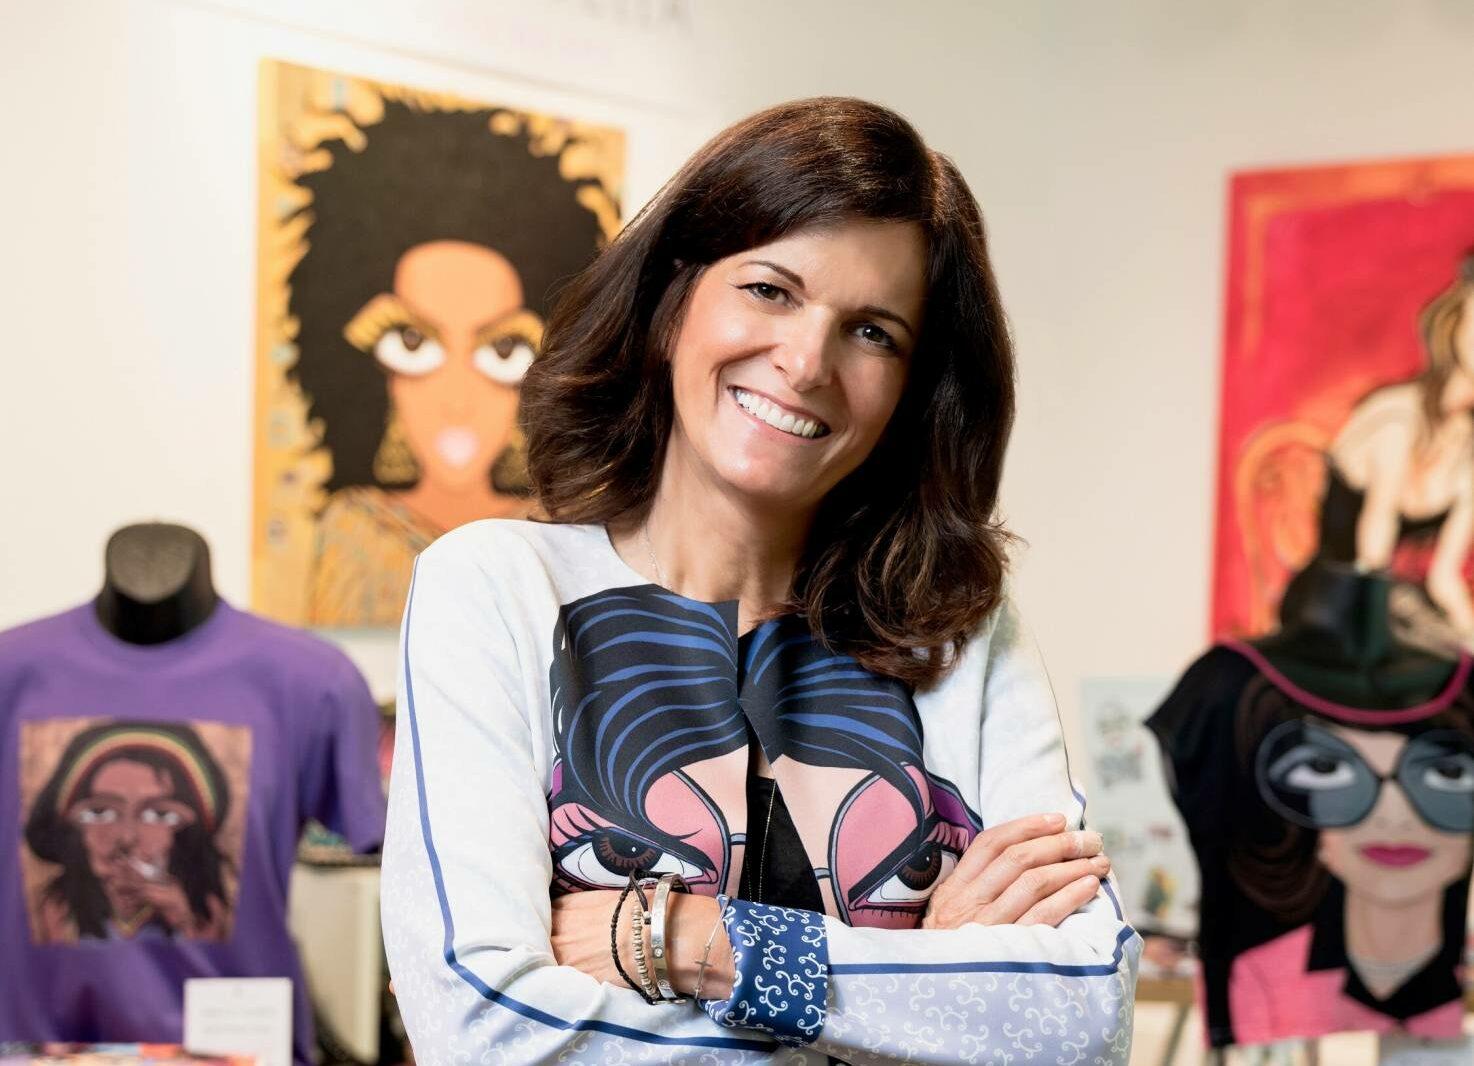 Image of Michelle Vella 1 1632241723 99.245.1.193 e1632244912354 in Cosentino présentera les œuvres de l'artiste pop Michelle Vella à Toronto! Showroom CosArt Événement - Cosentino